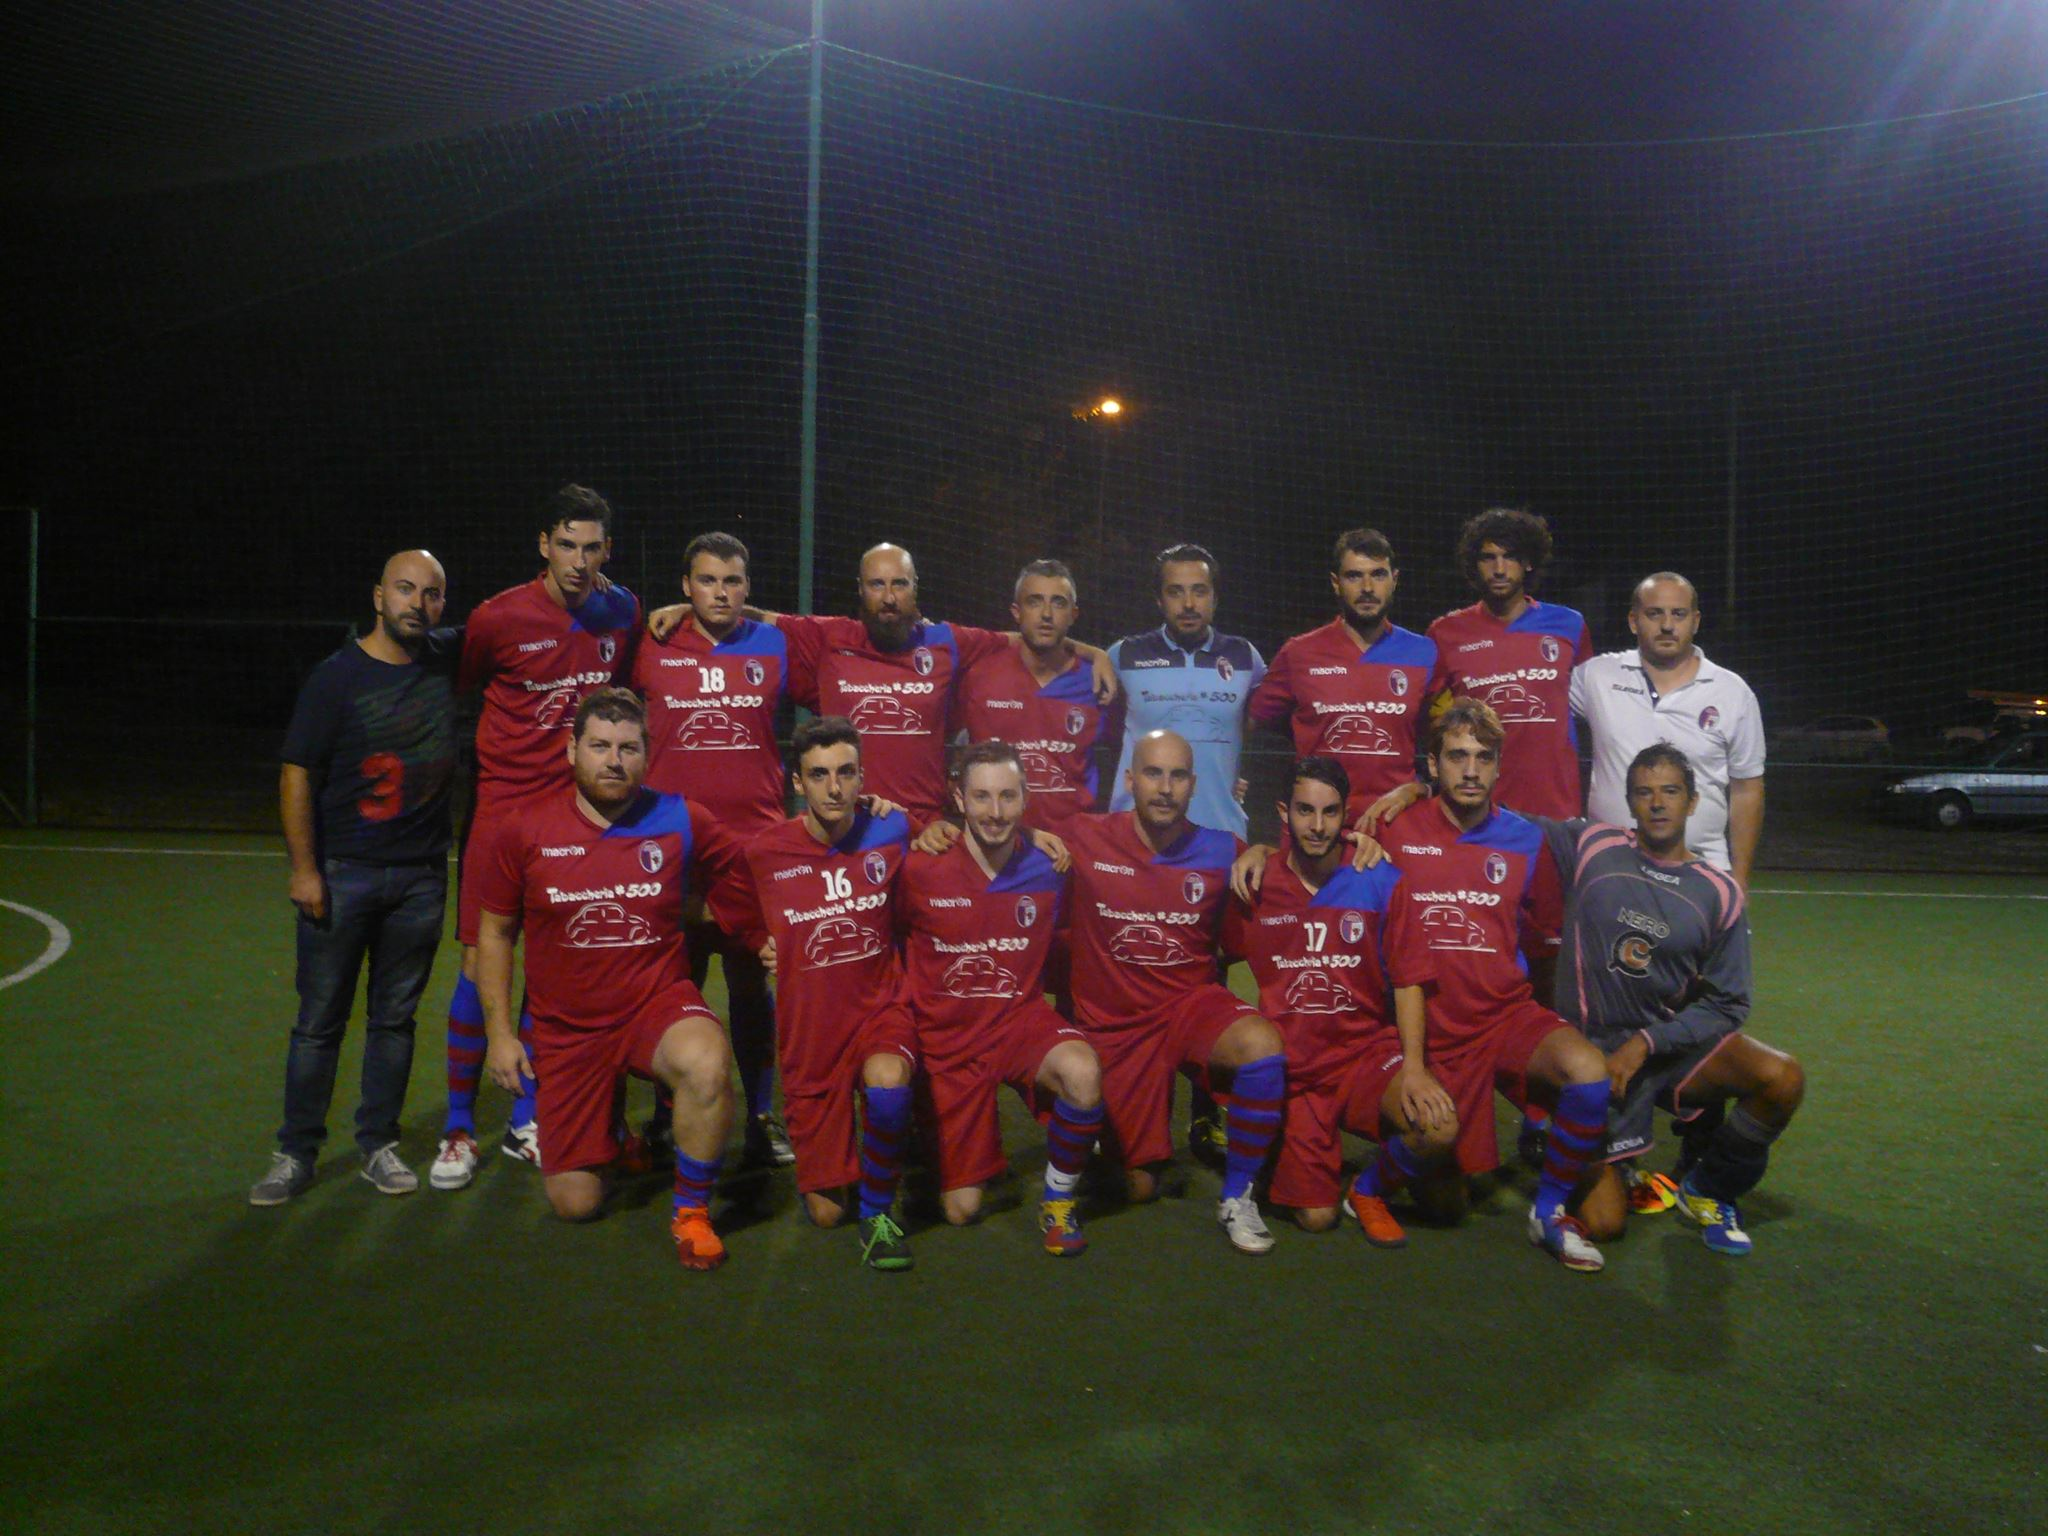 miriano 2017/2018